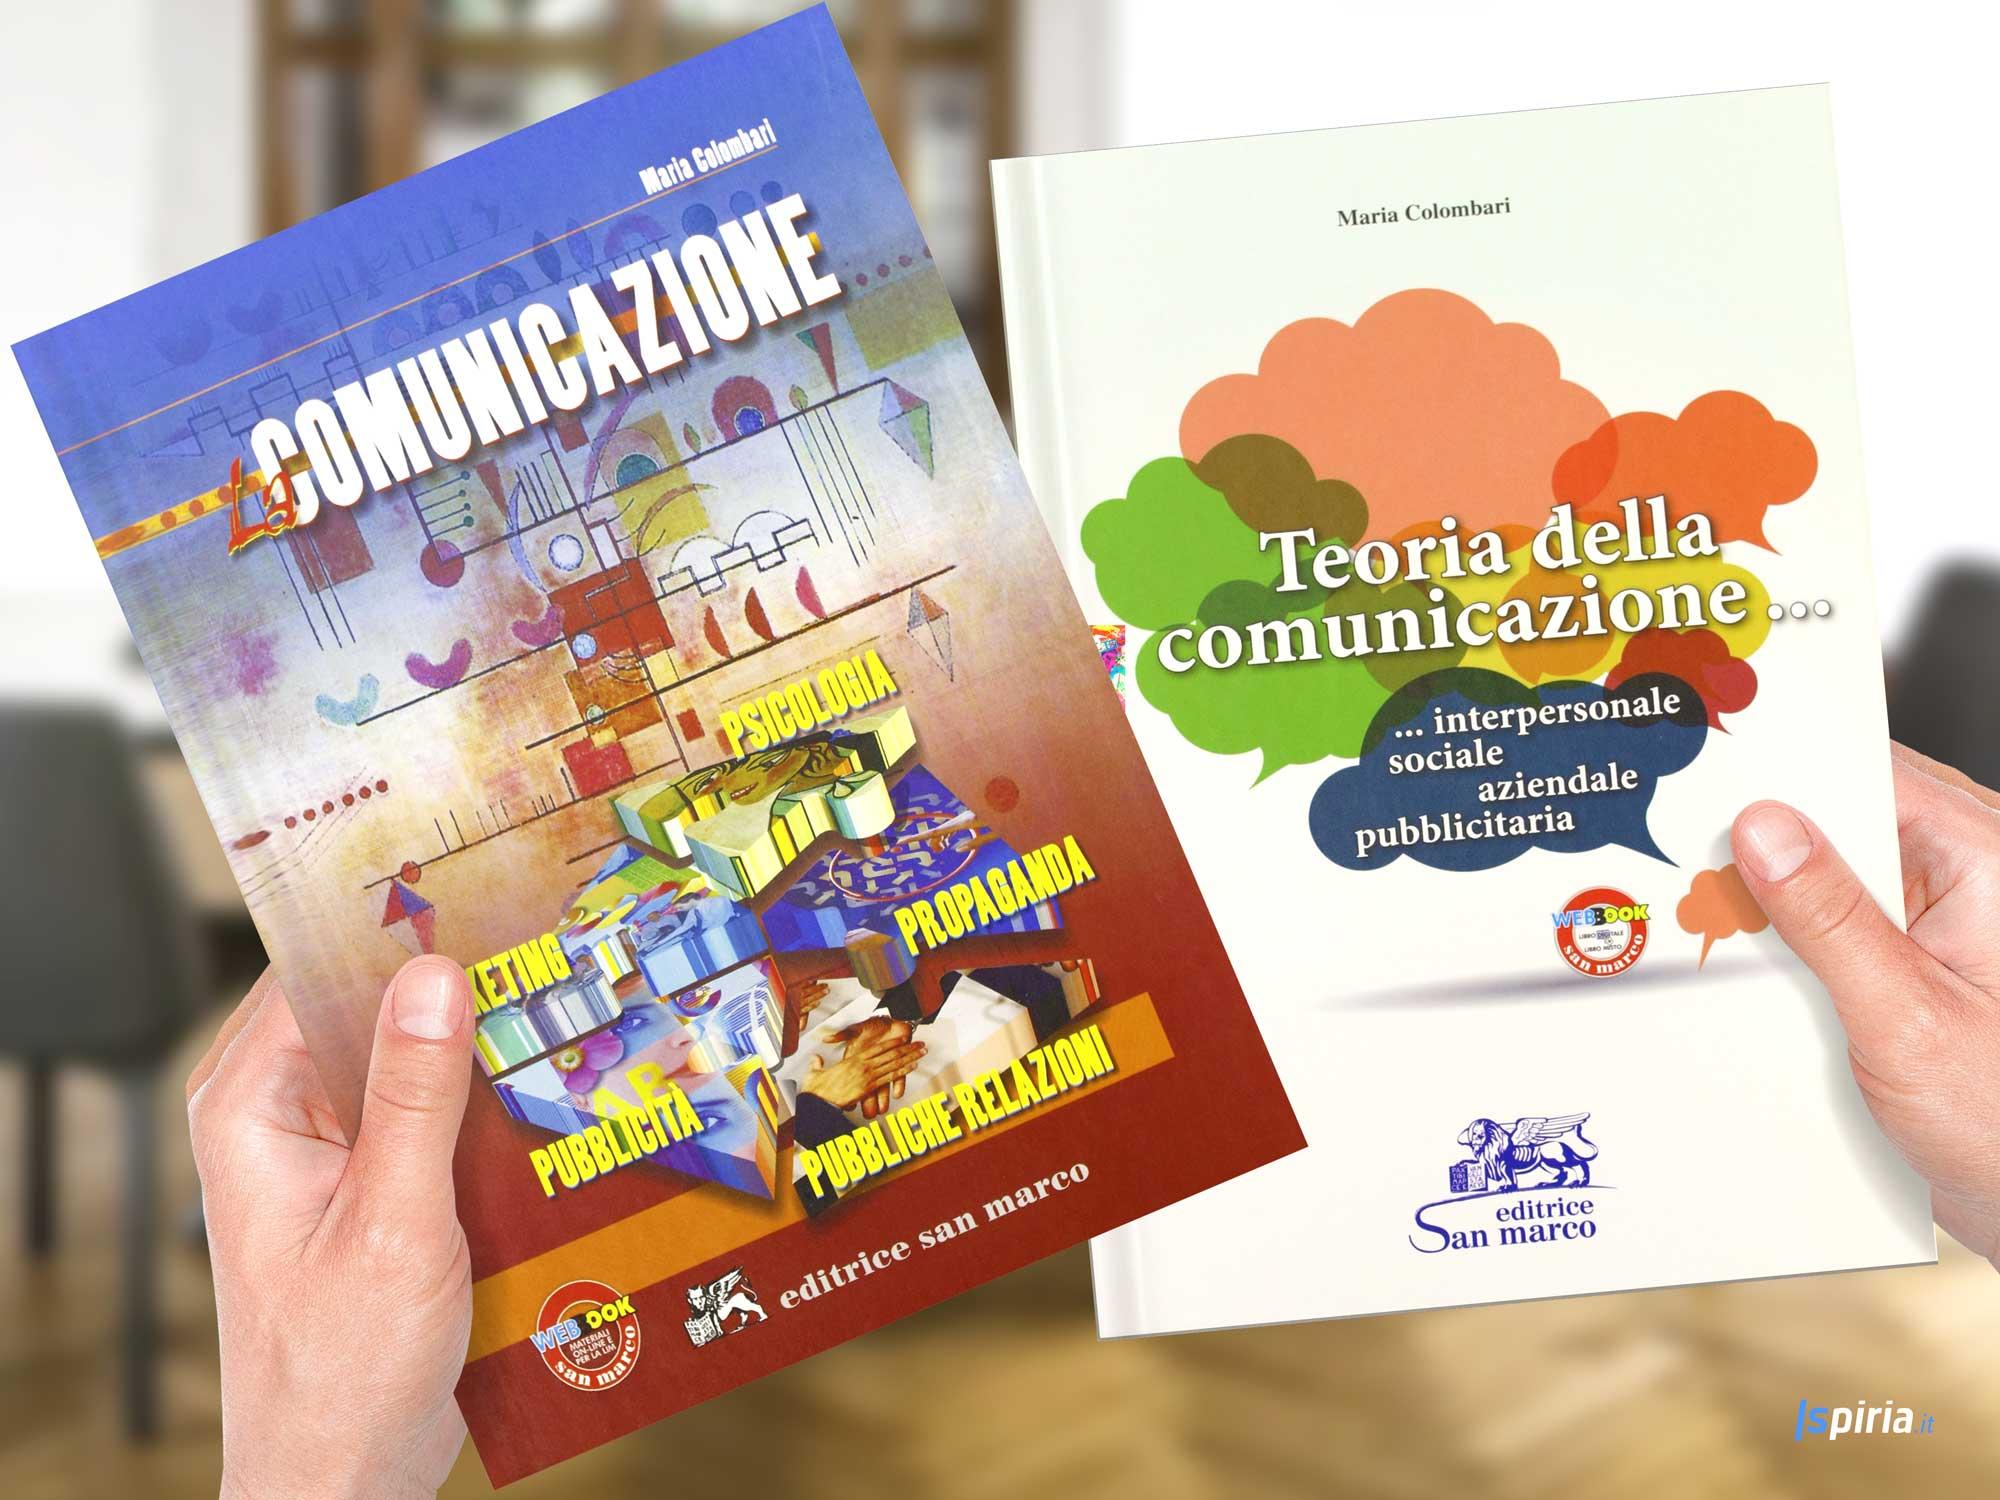 Migliori Libri Sulla Comunicazione | Libro Di Comunicazione Da Leggere Per Imparare